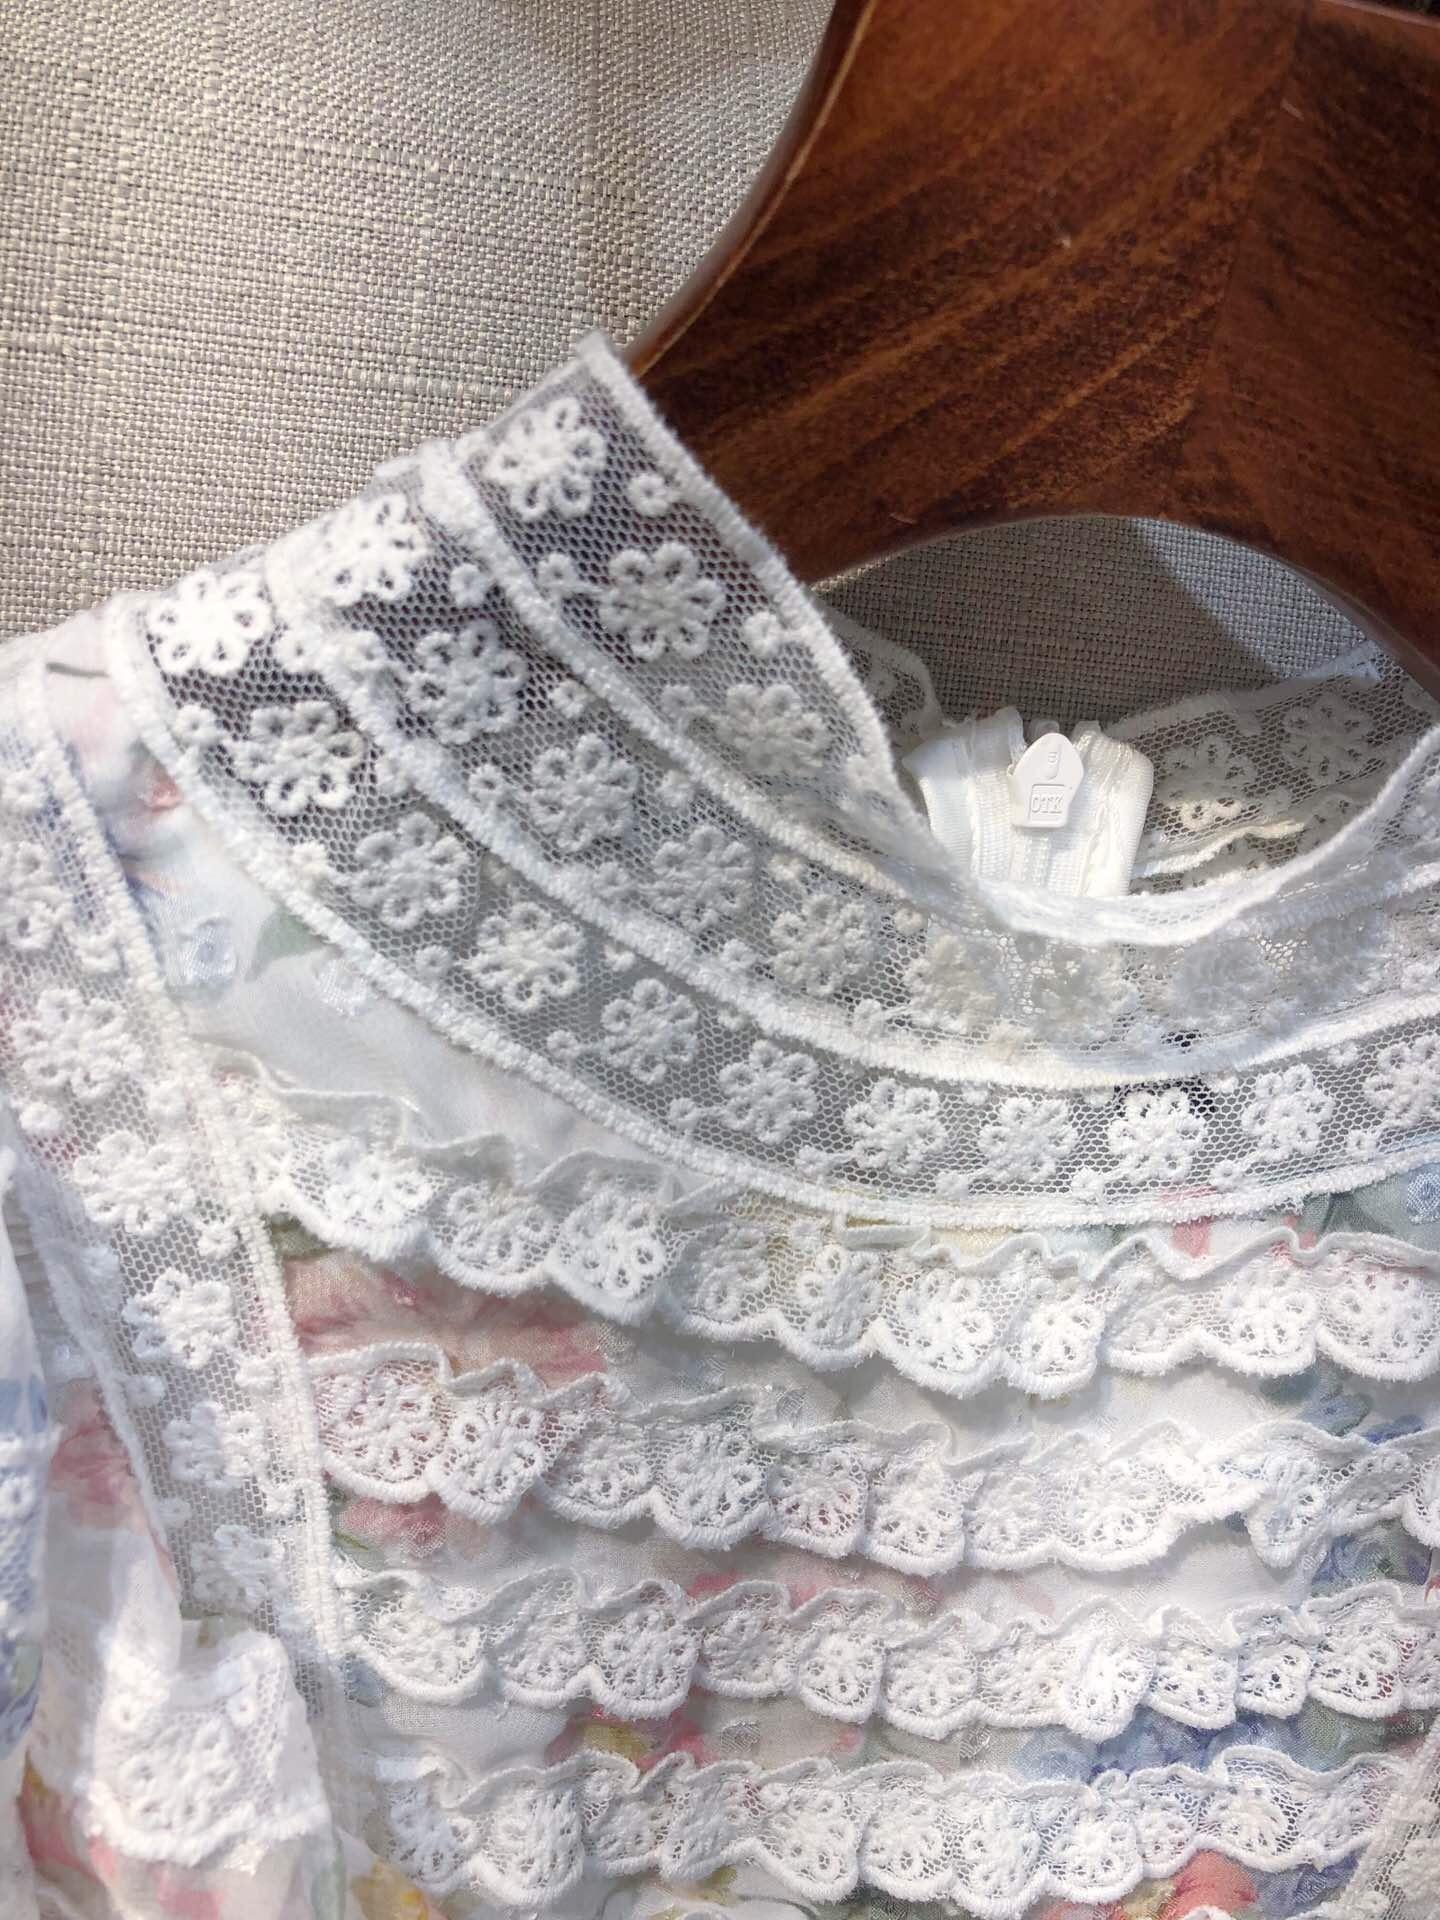 2019 Couture Irrégulière Tailles Haute Taille Robe Femmes 3 Impression 1 Dentelle De Pour Mode Nouvelle Blue Couleur Vêtements IBqrI